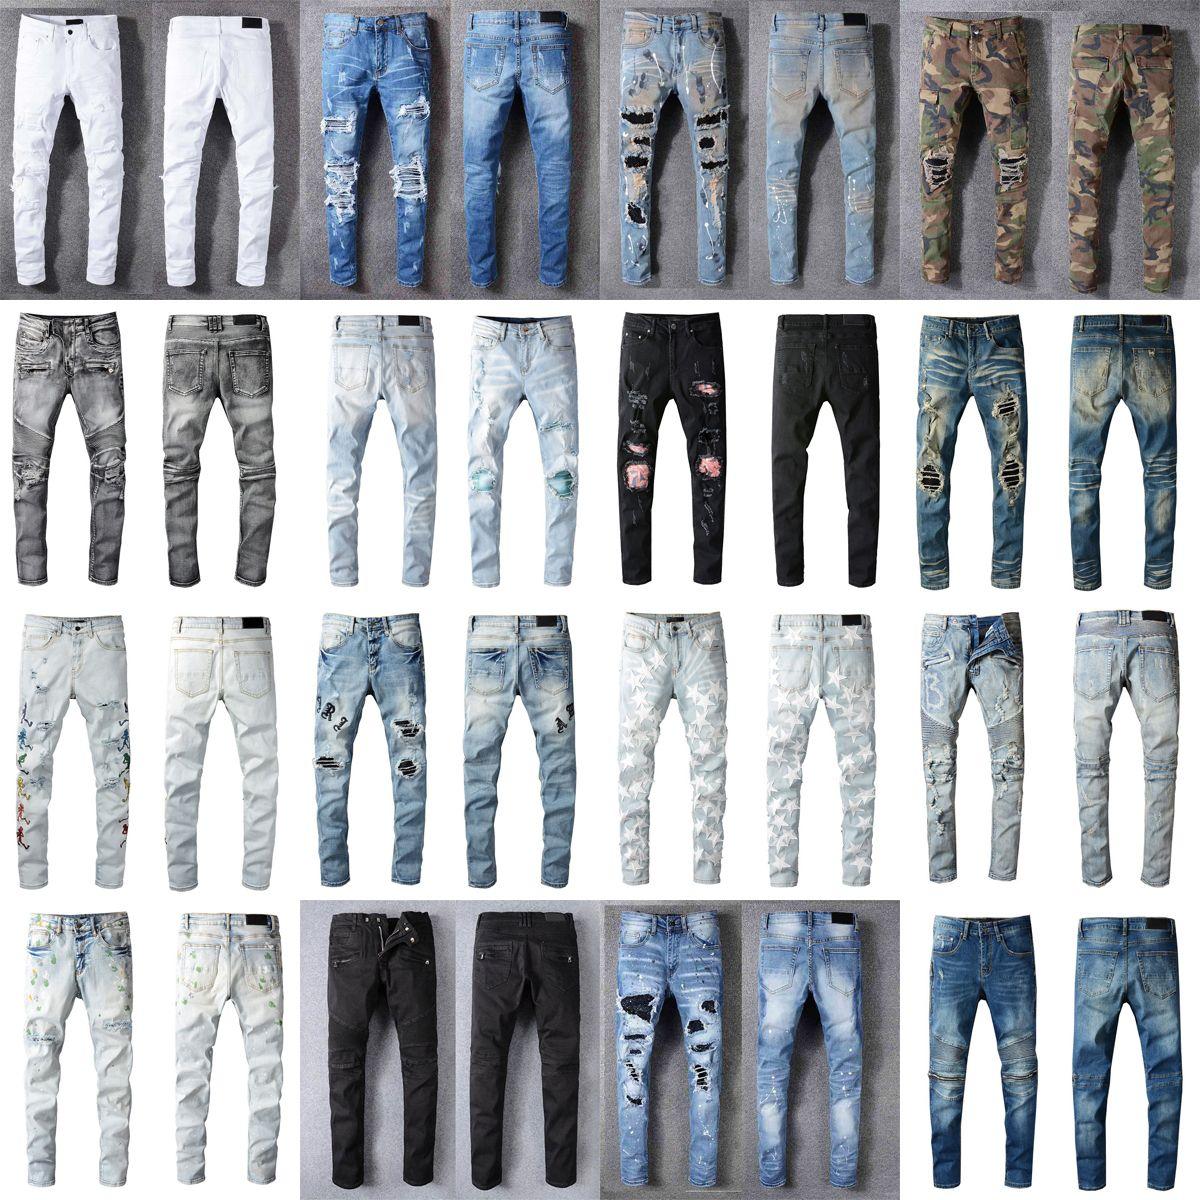 Luxurys concepteurs jeans france france mode pierre hétérosoche holder motard trous denim décontracté jean homme maigre pantalons élasticité pantalon déchiré homme